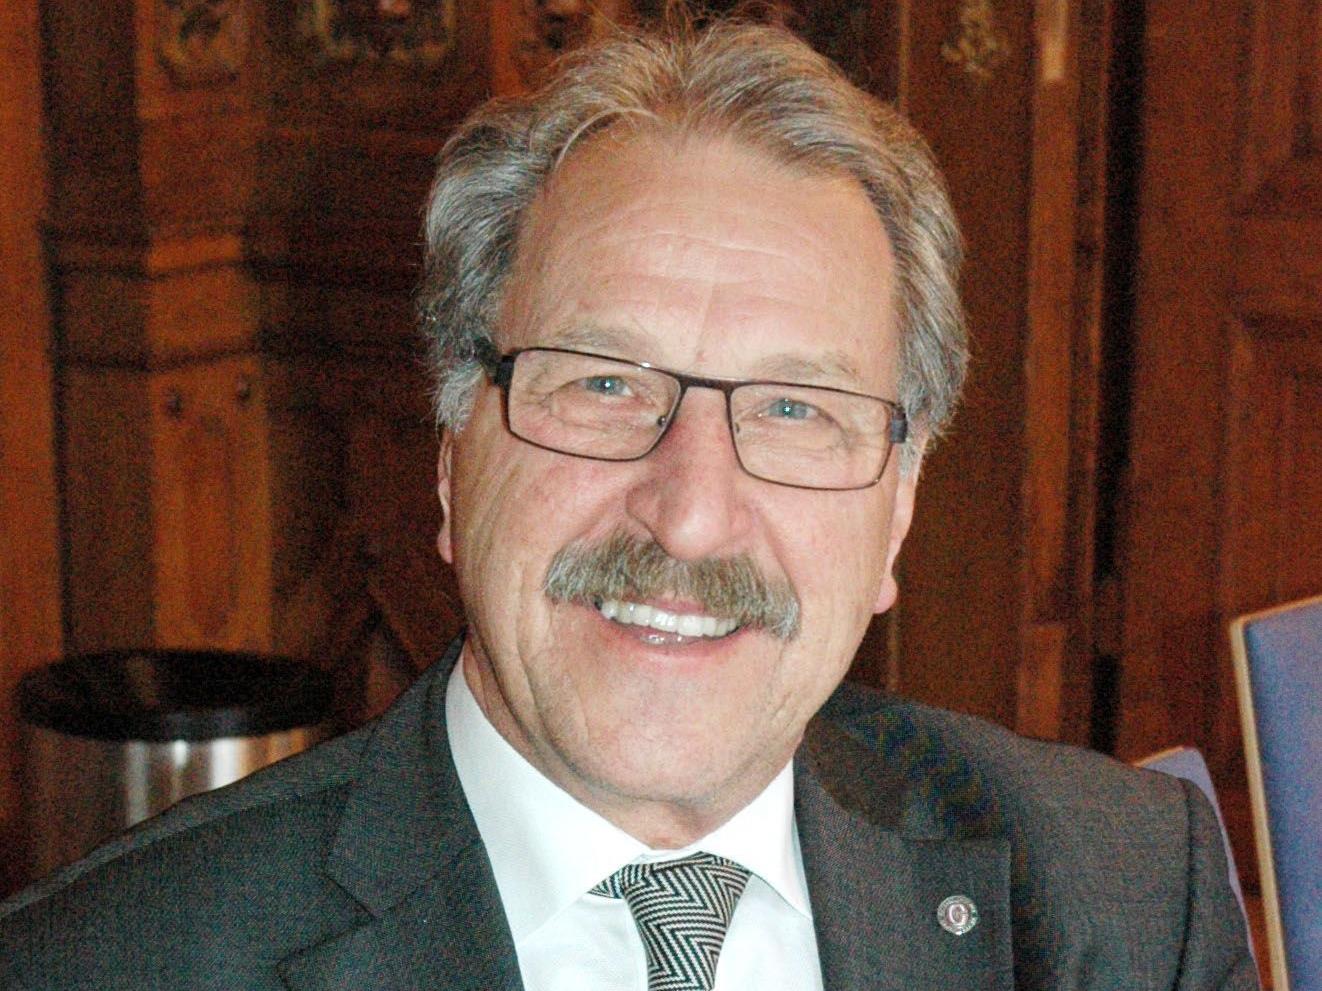 Erwin Mohr referiert über neue Anforderungen bei der Wohlstandsmessung.